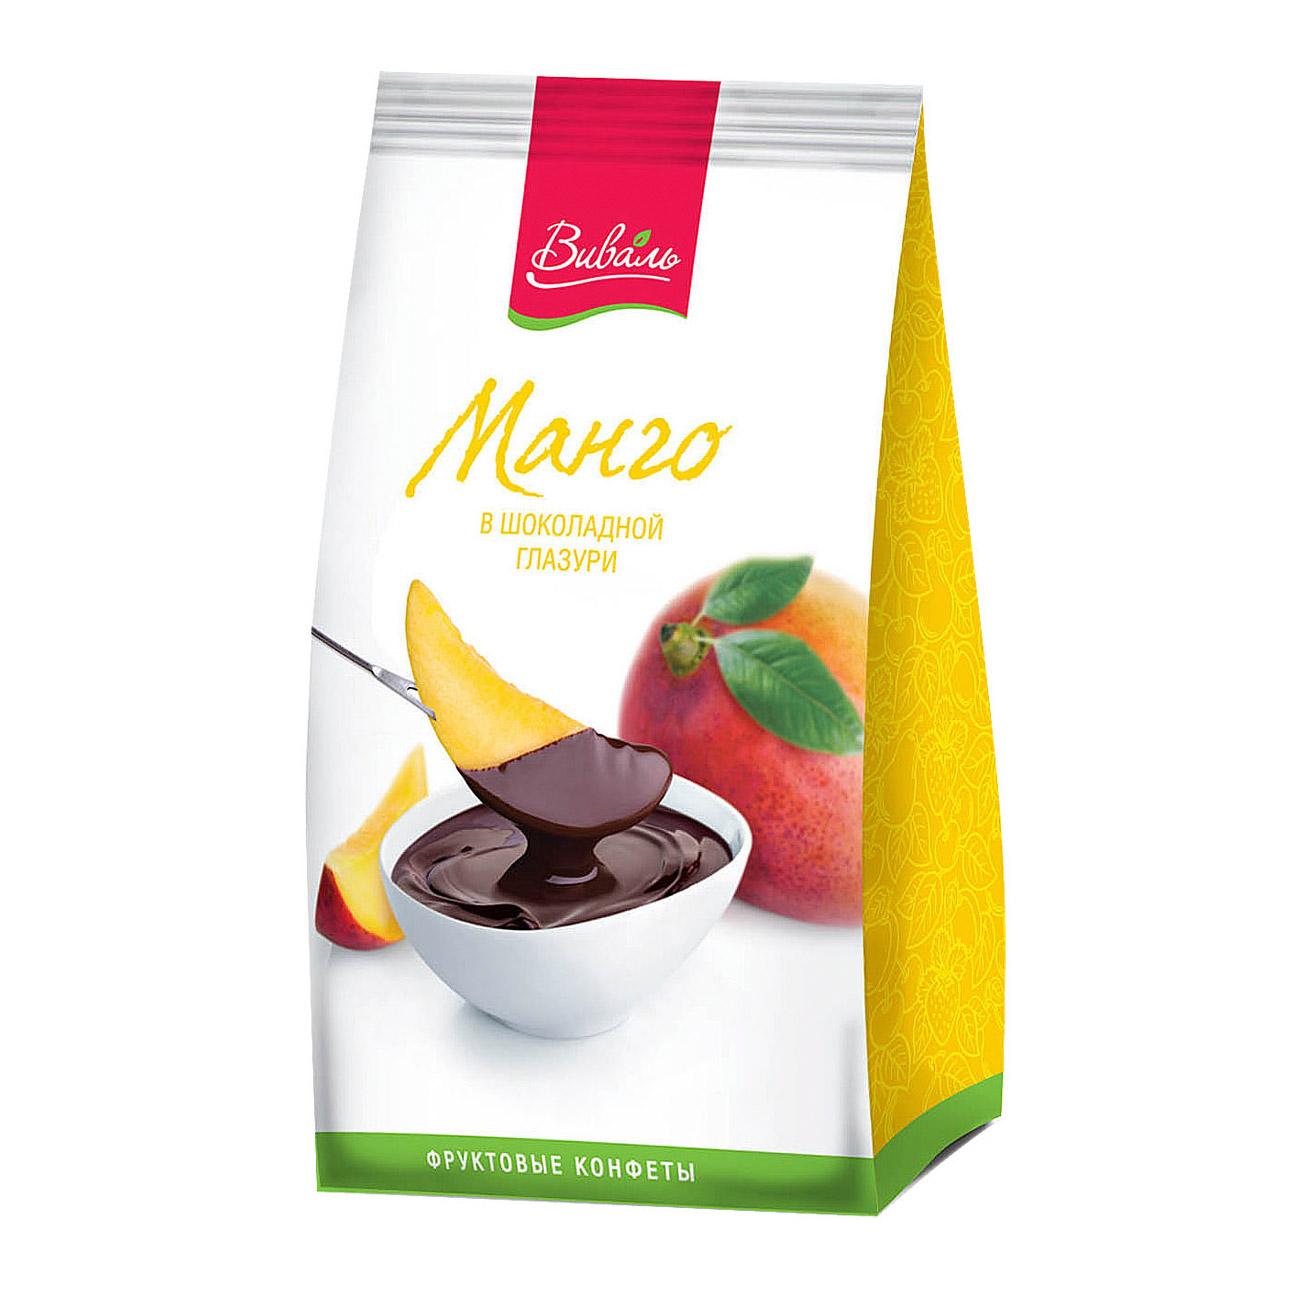 Конфеты Виваль манго в шоколадной глазури 180г конфеты malibu кокосовые в молочной шоколадной глазури 140 г